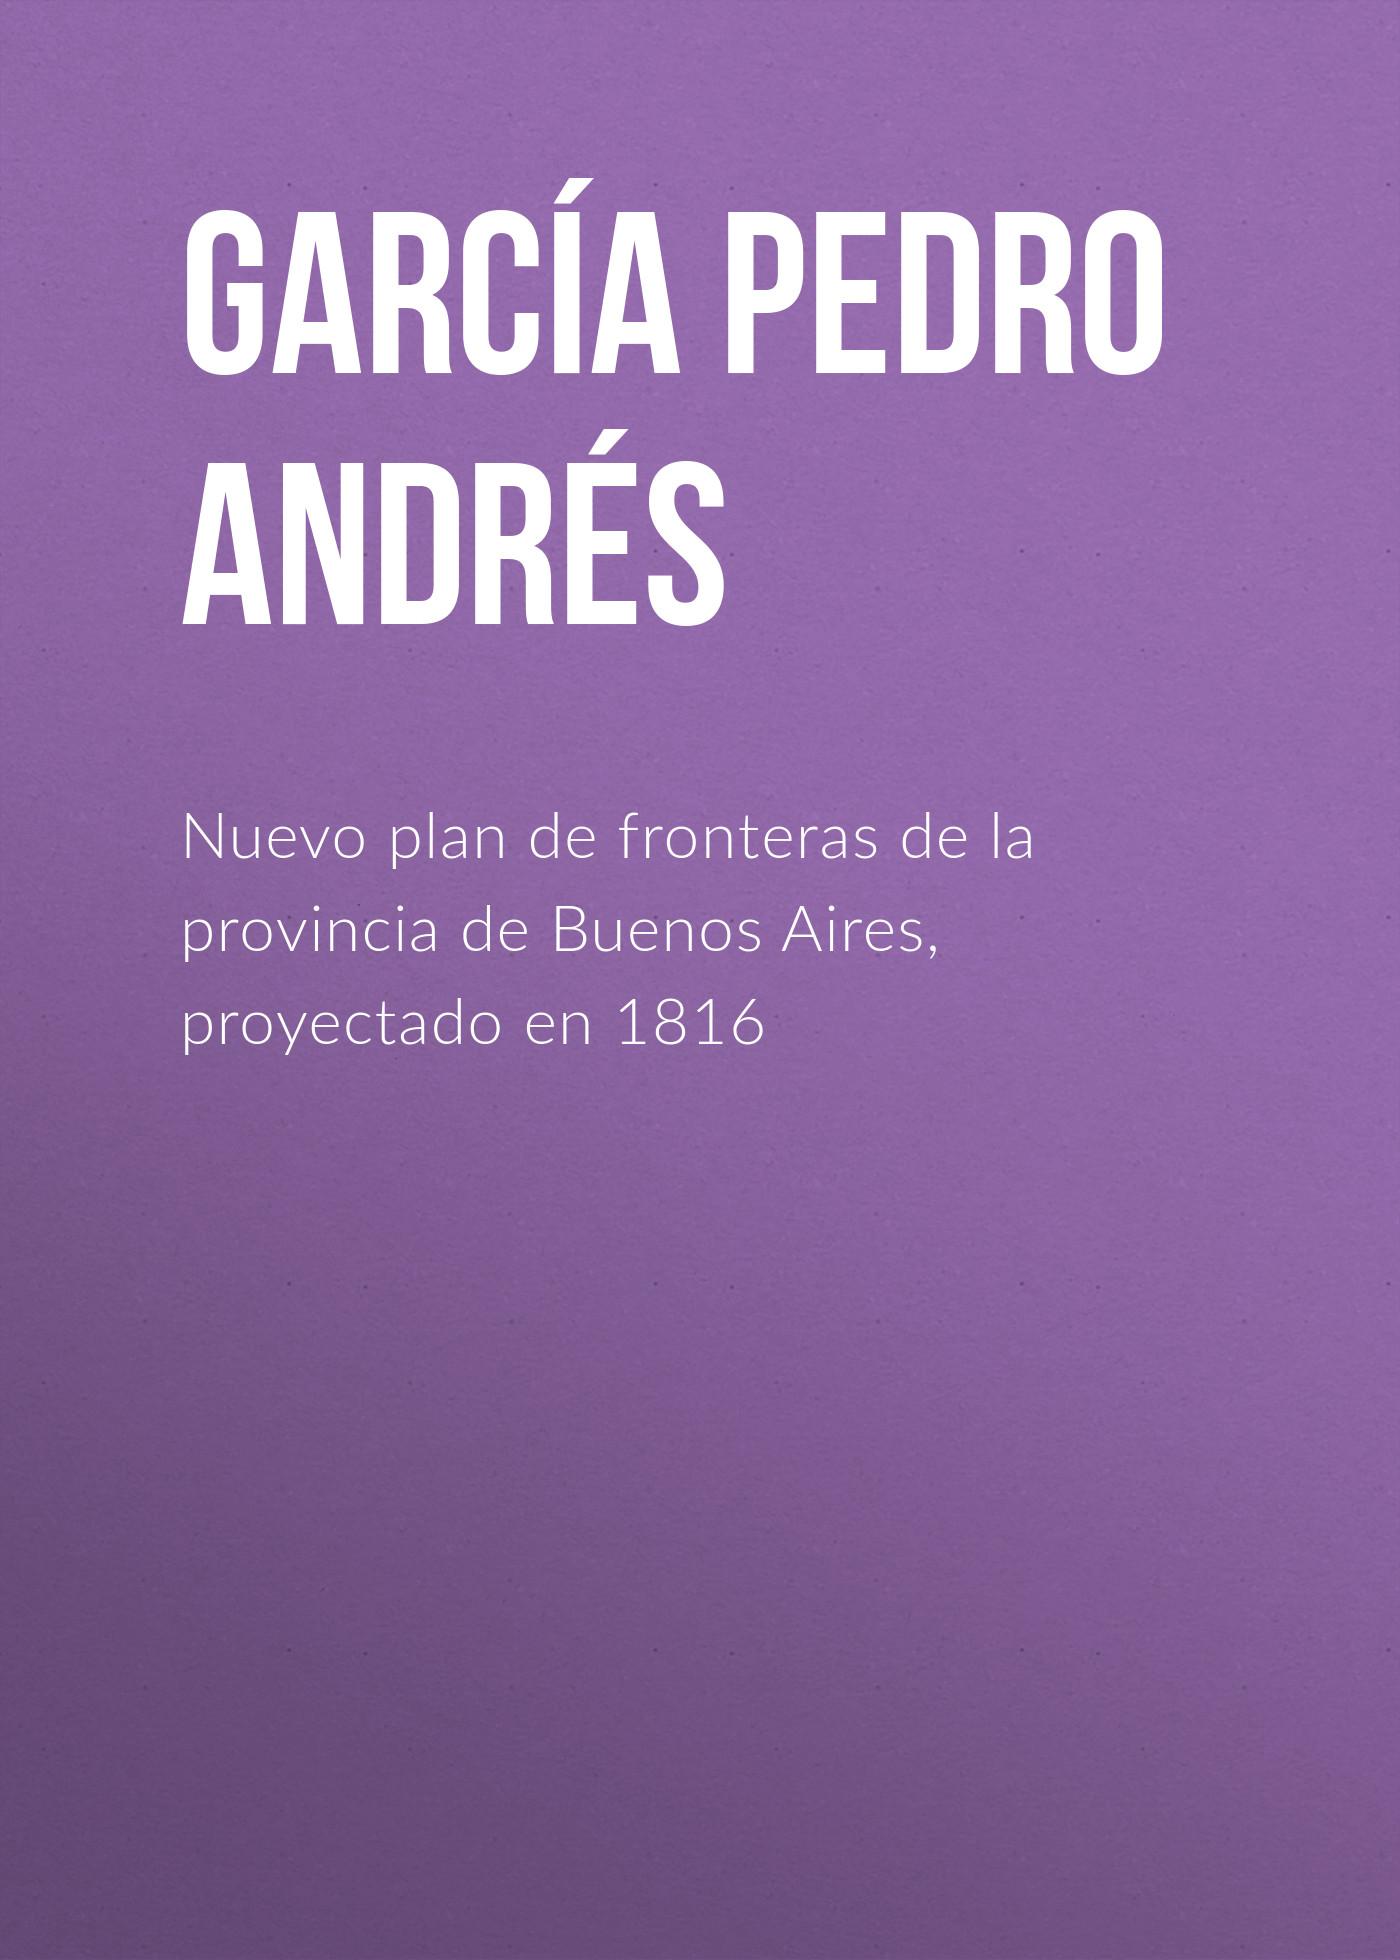 García Pedro Andrés Nuevo plan de fronteras de la provincia de Buenos Aires, proyectado en 1816